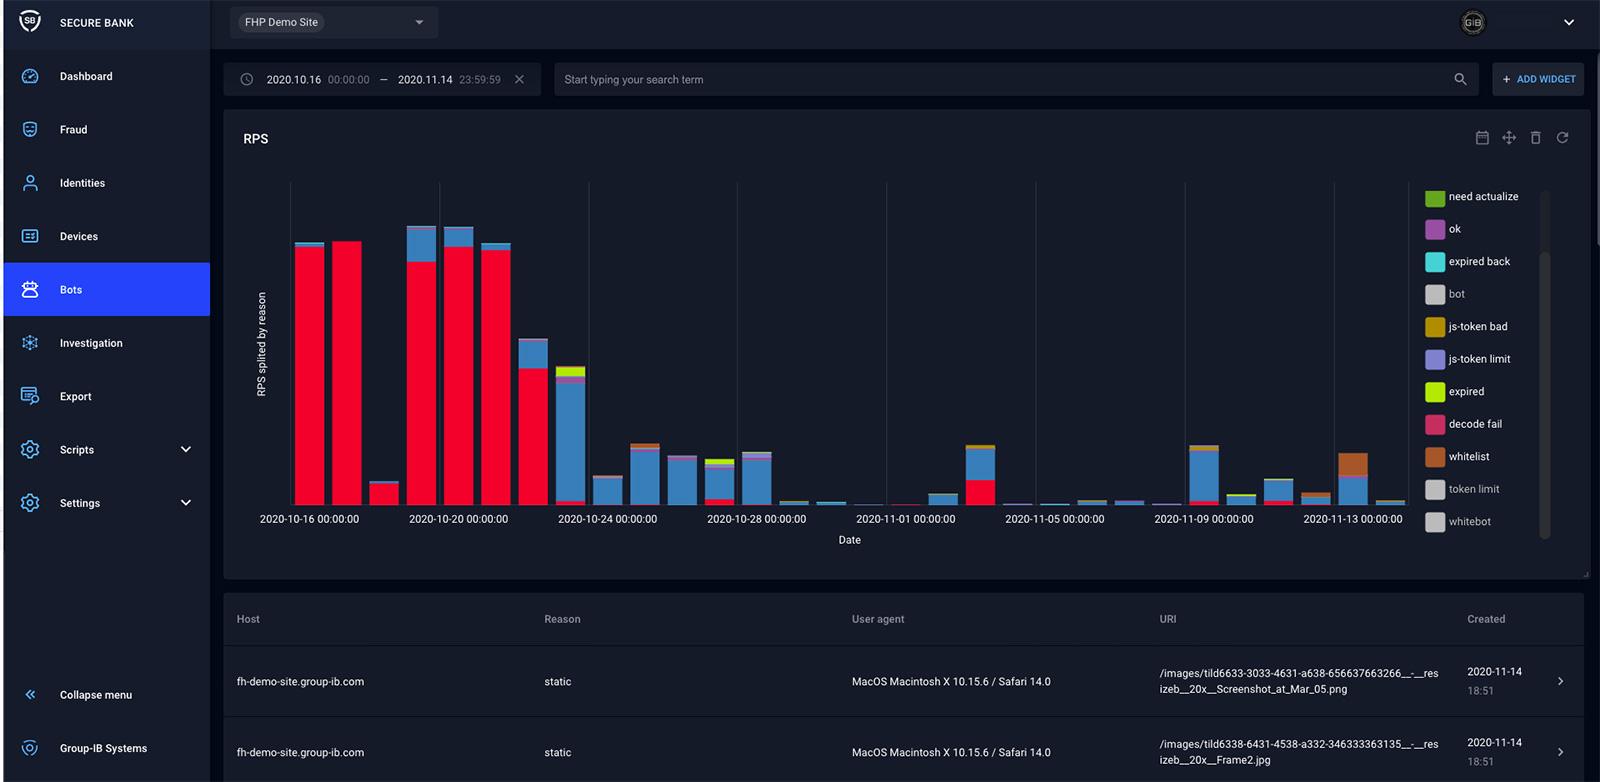 Group-IB Fraud Hunting Platform